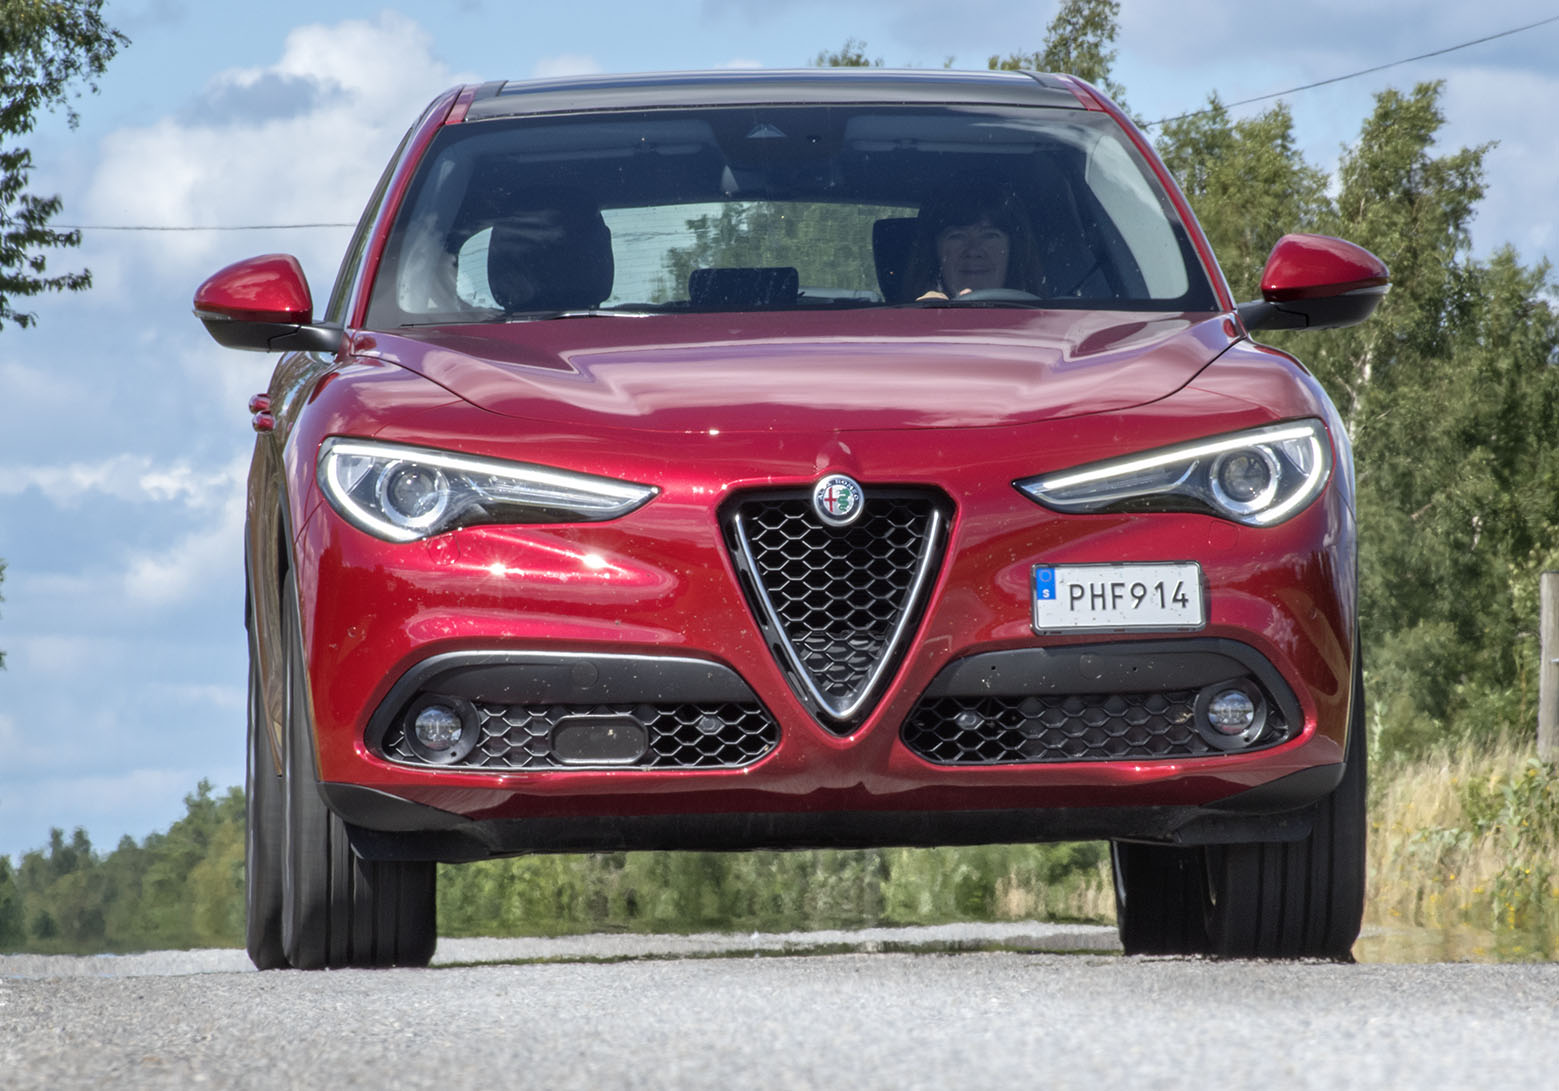 Alfas Stelvio delar grundkonstruktionen med Giulia och det betyder längsmonterad motor och chassi som med max kraft på bakaxeln. Bilen har fått sitt namn från ett alppass med krokiga asfaltsvägar och det är vad den är byggd för.